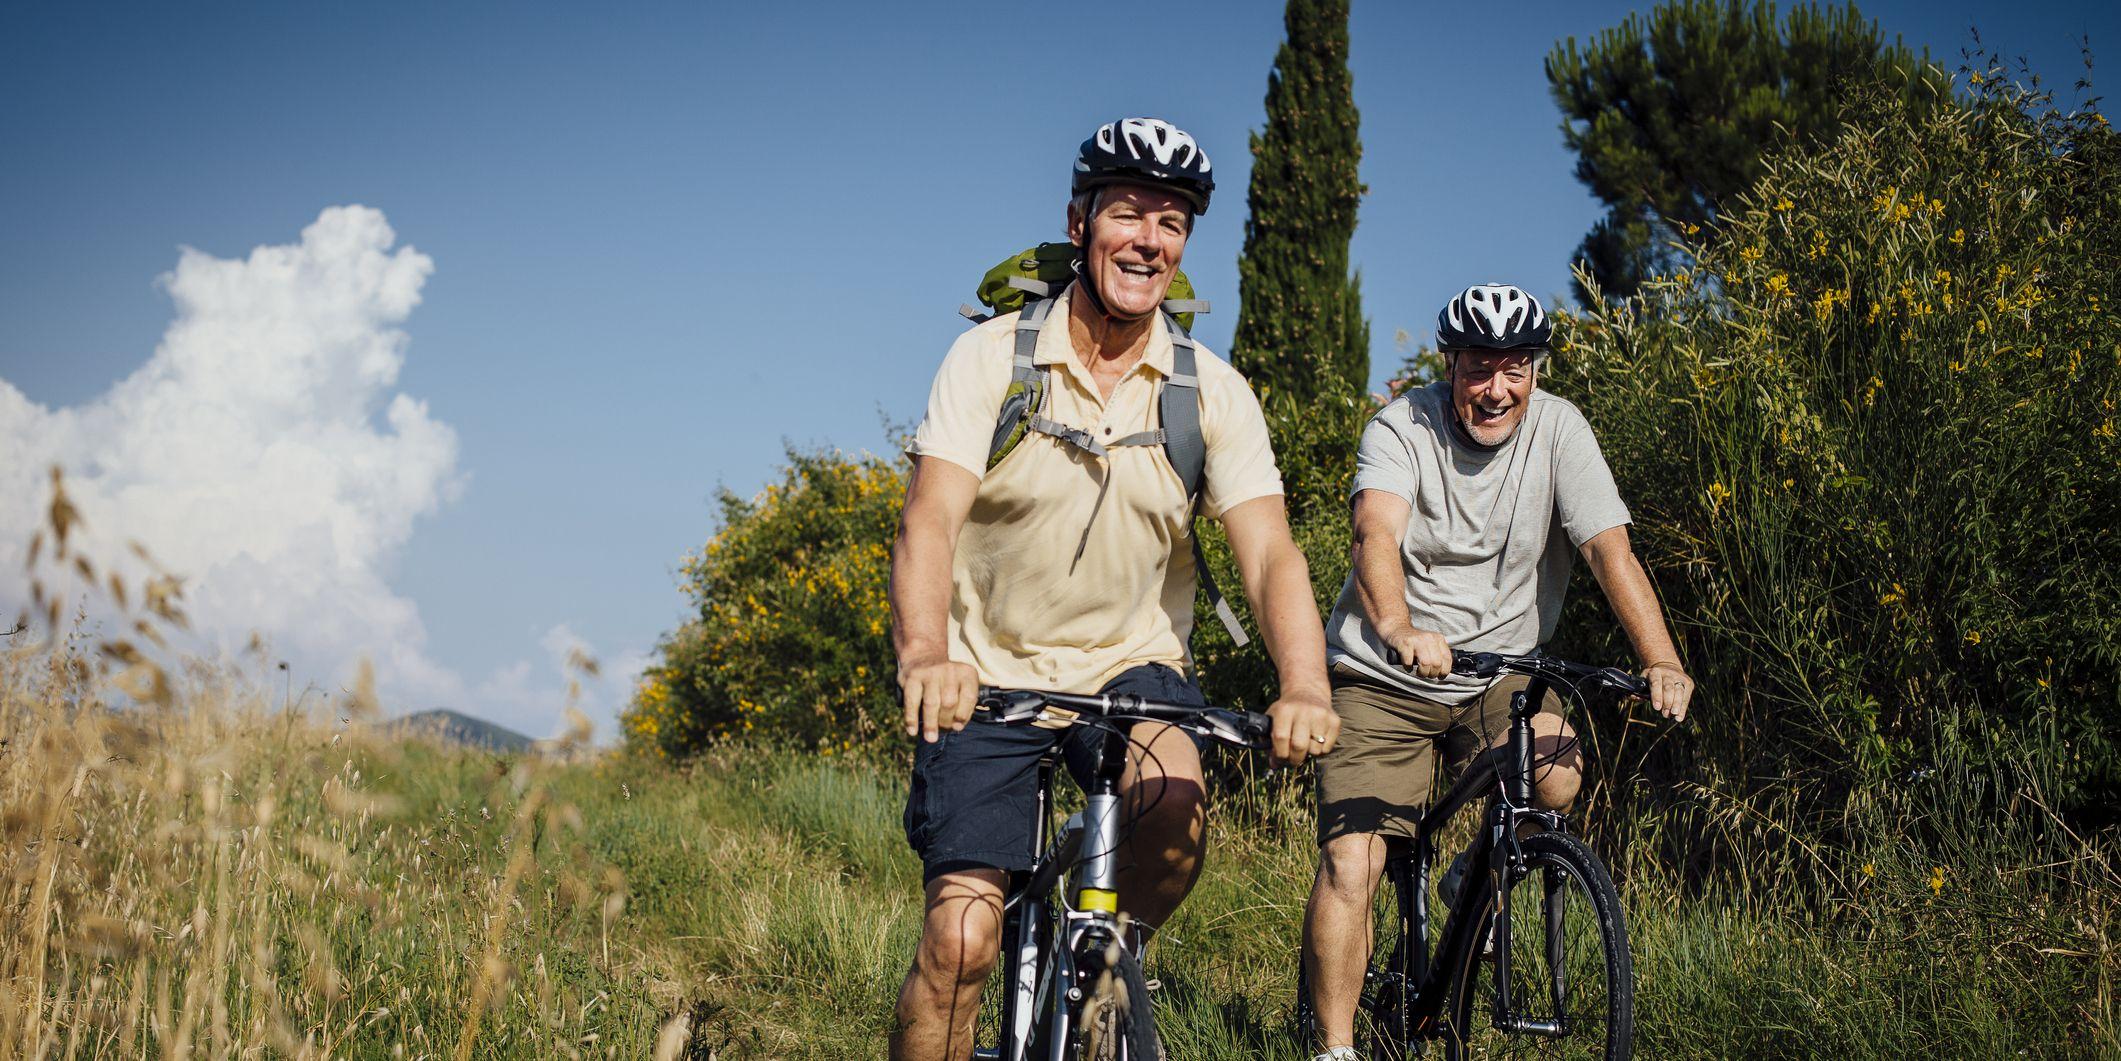 Senior Men on Mountain Bikes in the Countryside